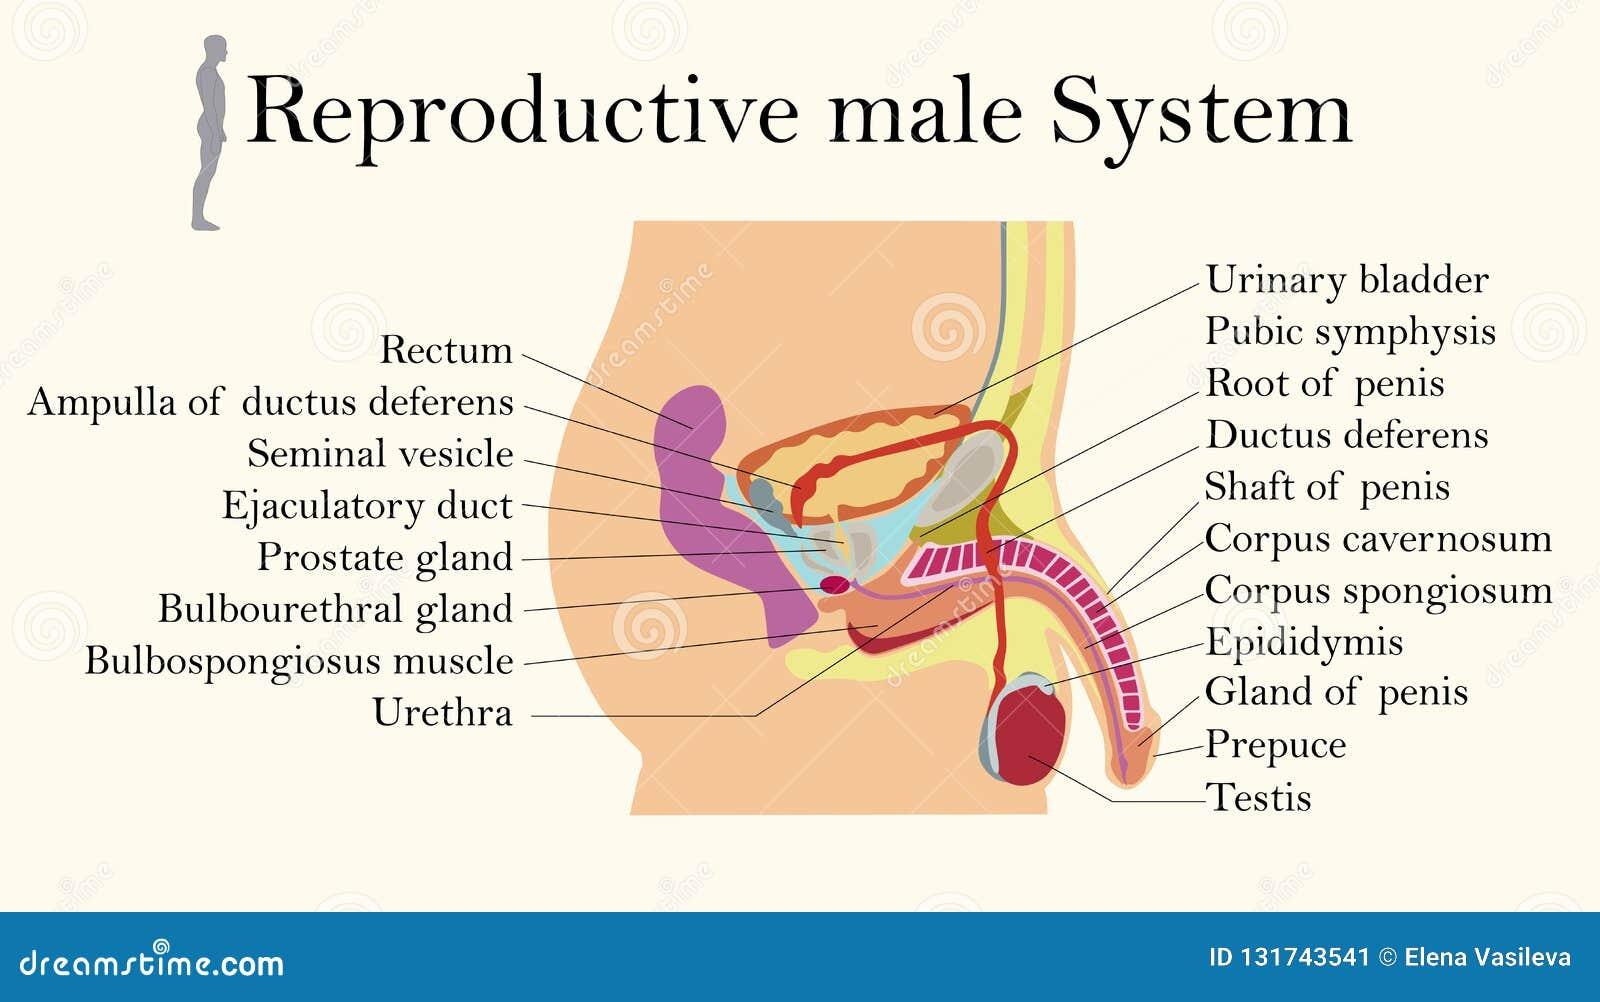 Carta da educação da biologia para o diagrama de sistema reprodutivo masculino